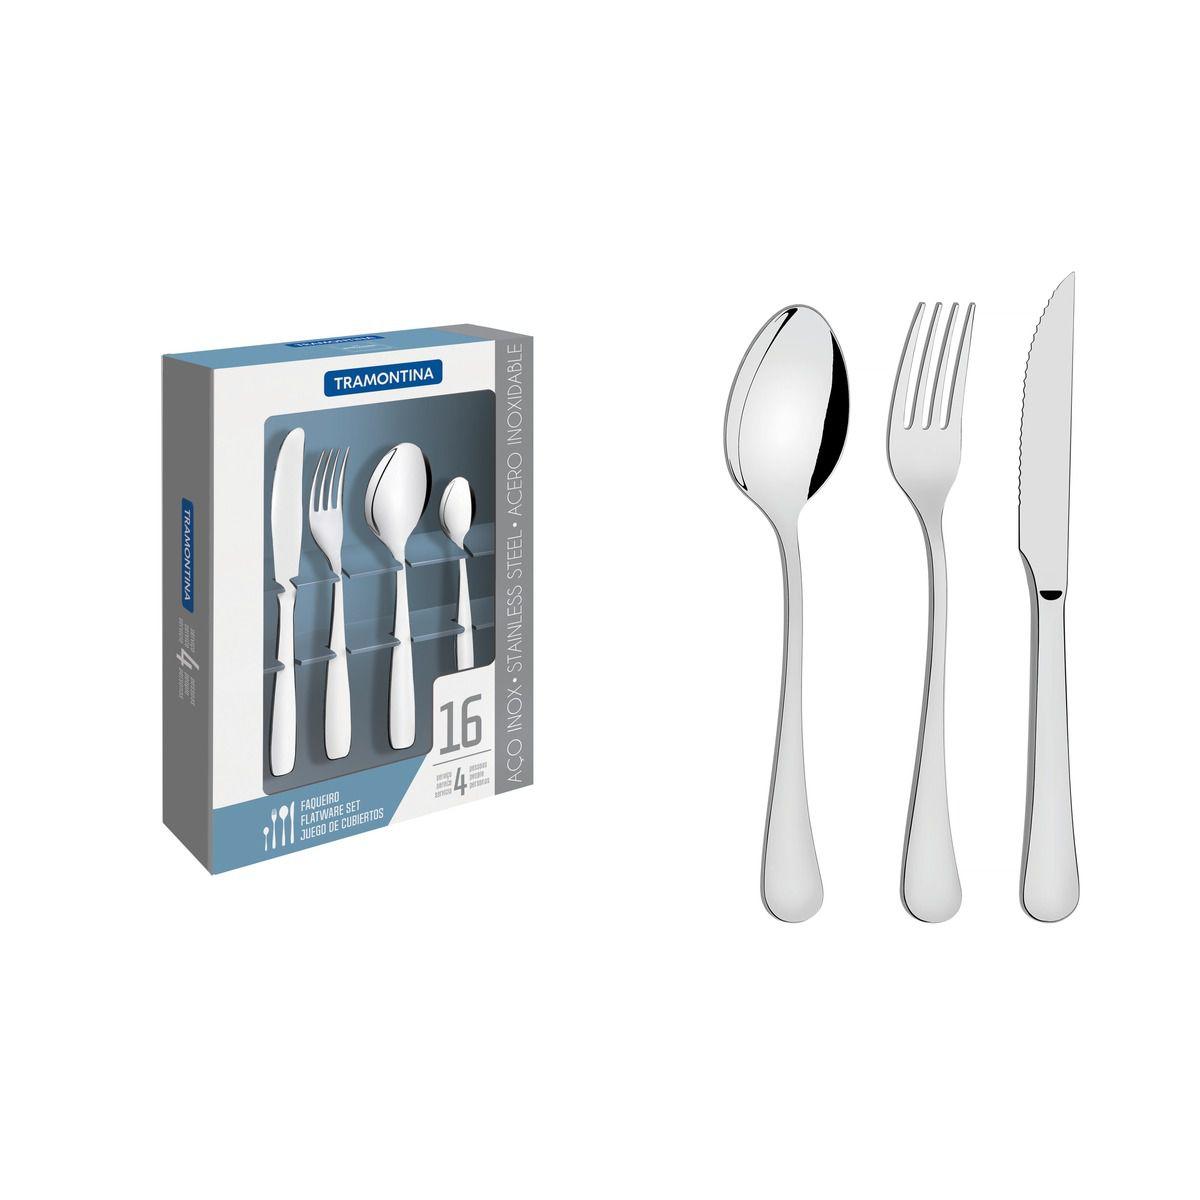 Faqueiro aço inox 16 pç. 66986/554 | Lojas Estrela